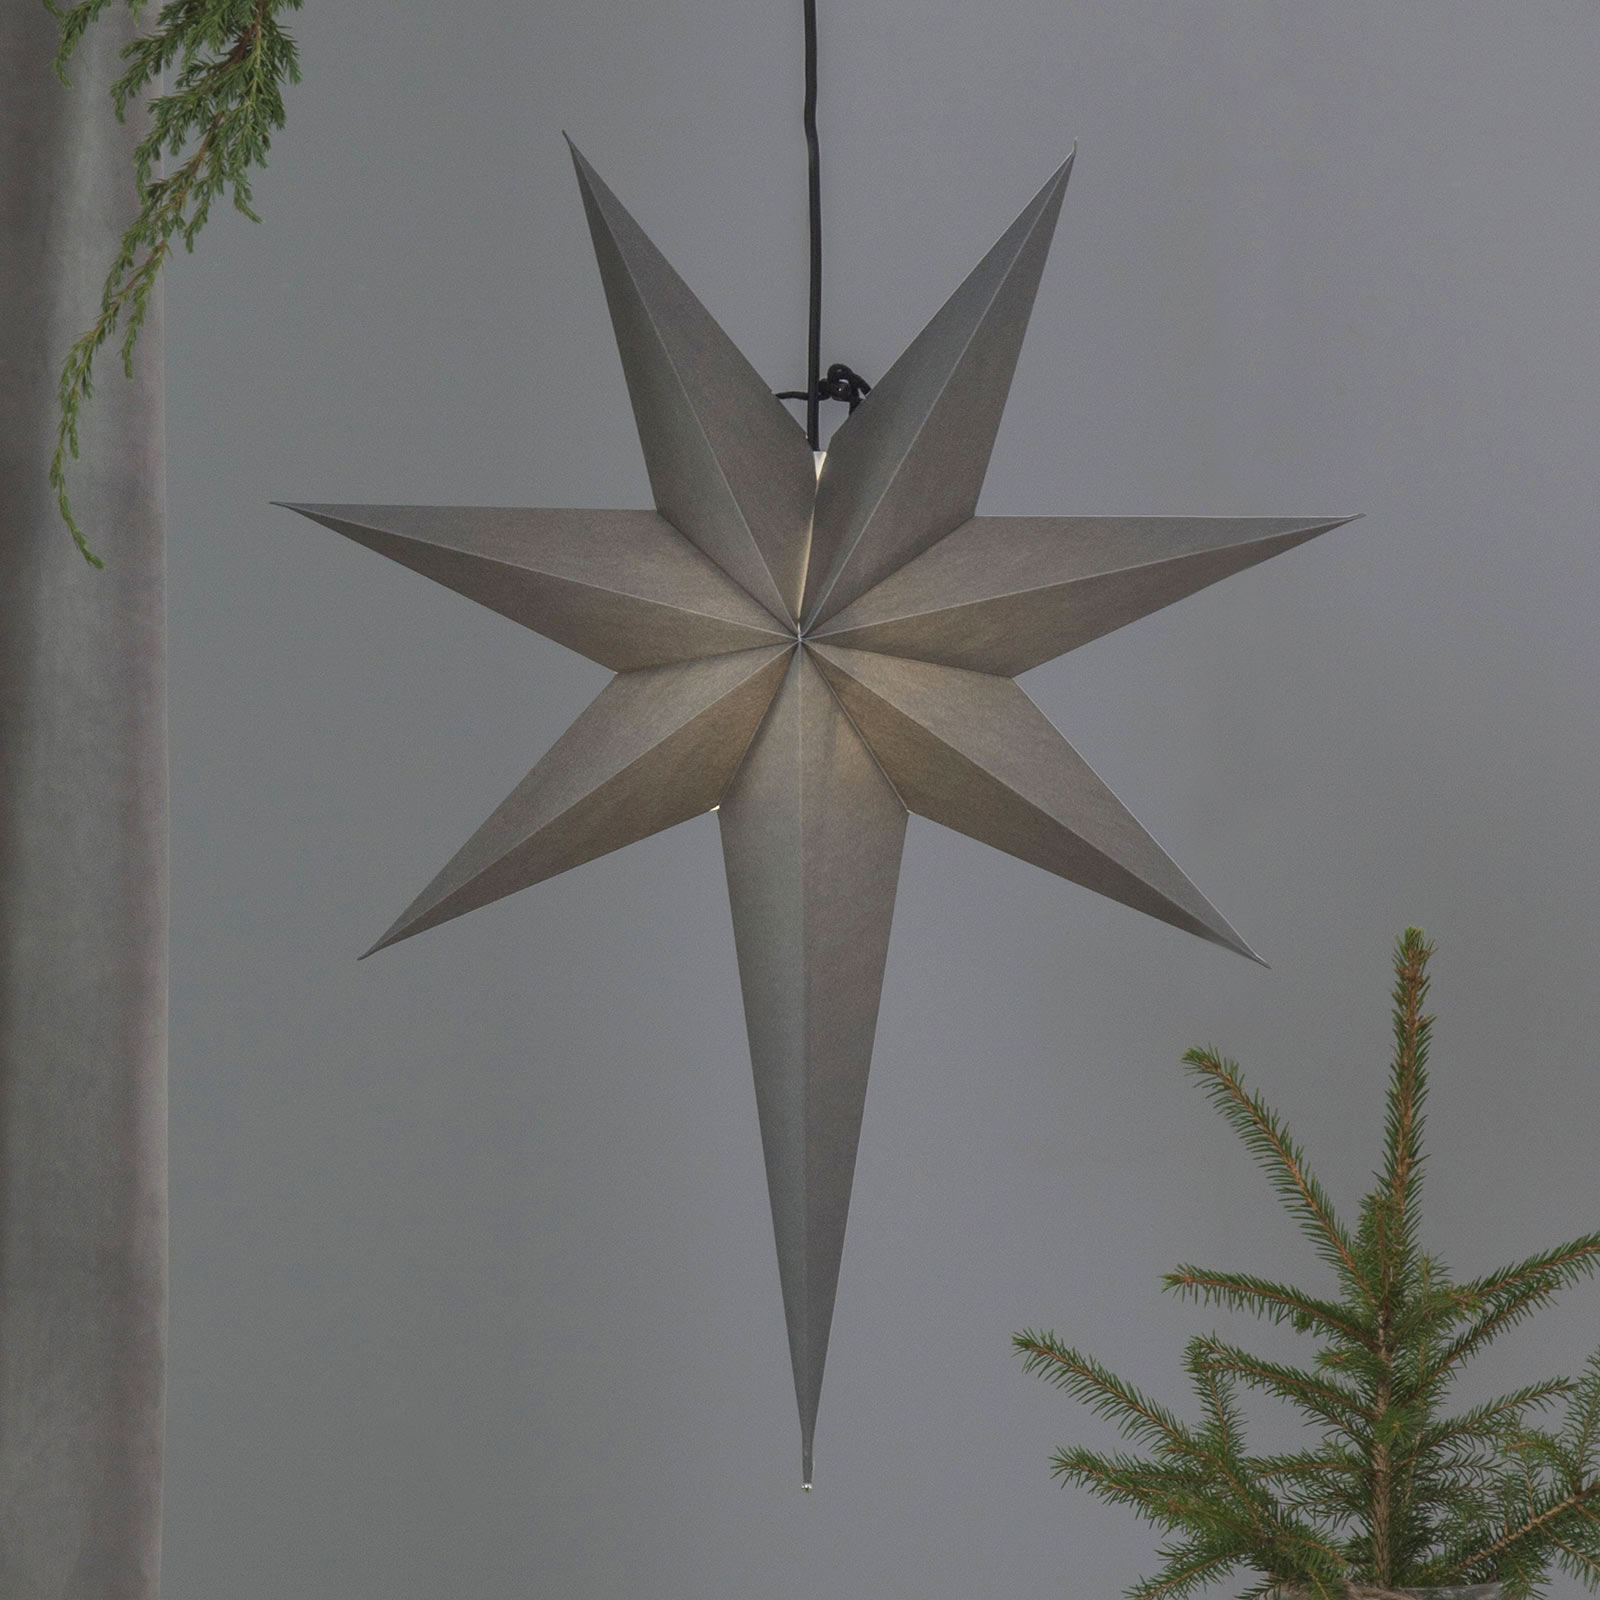 Ozen Papirstjerne med en lang hale